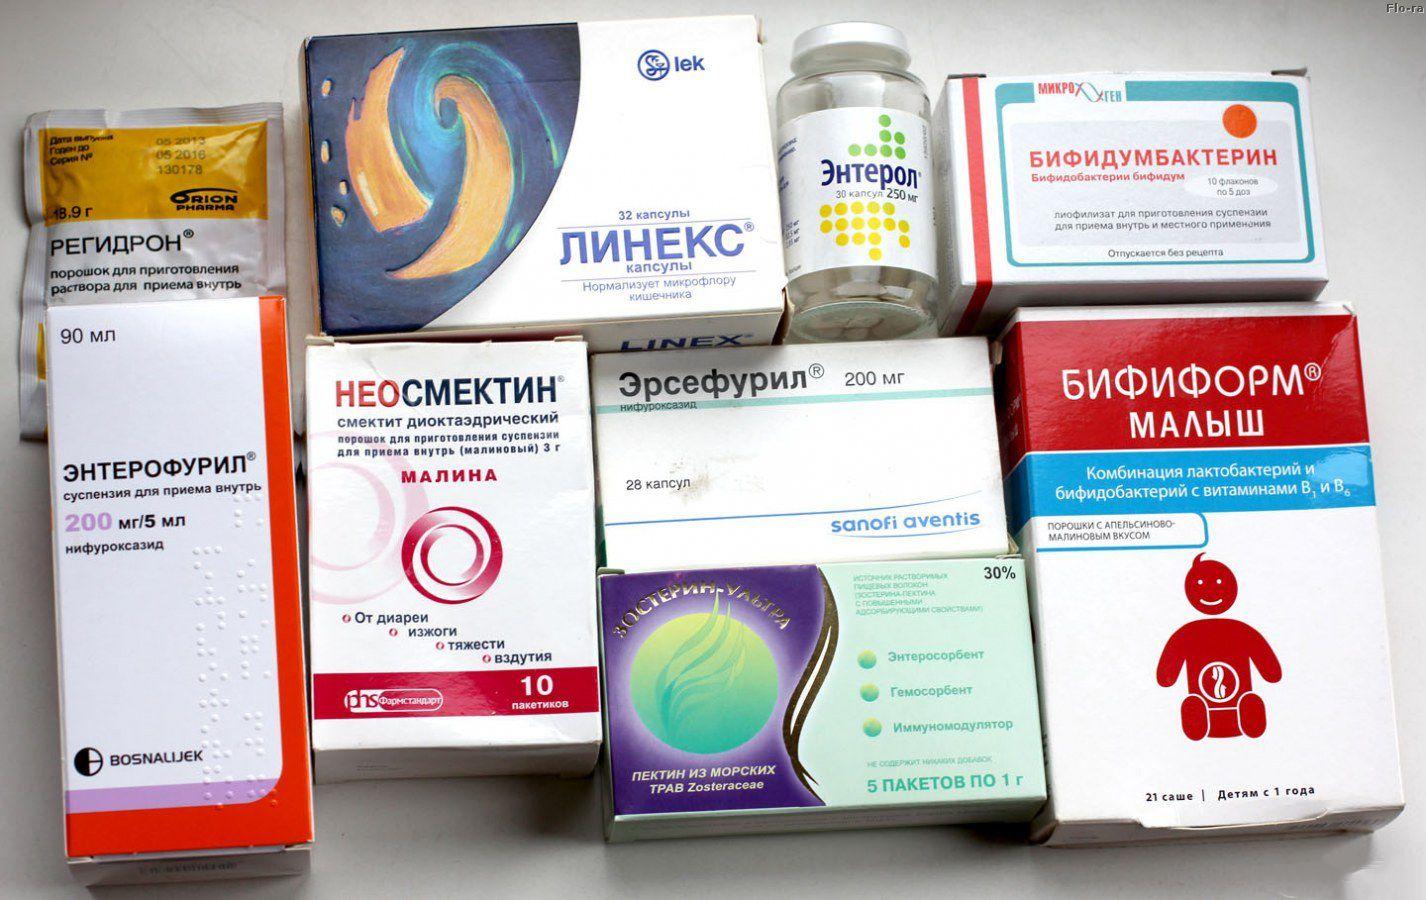 нс 2016 лекарство для акима